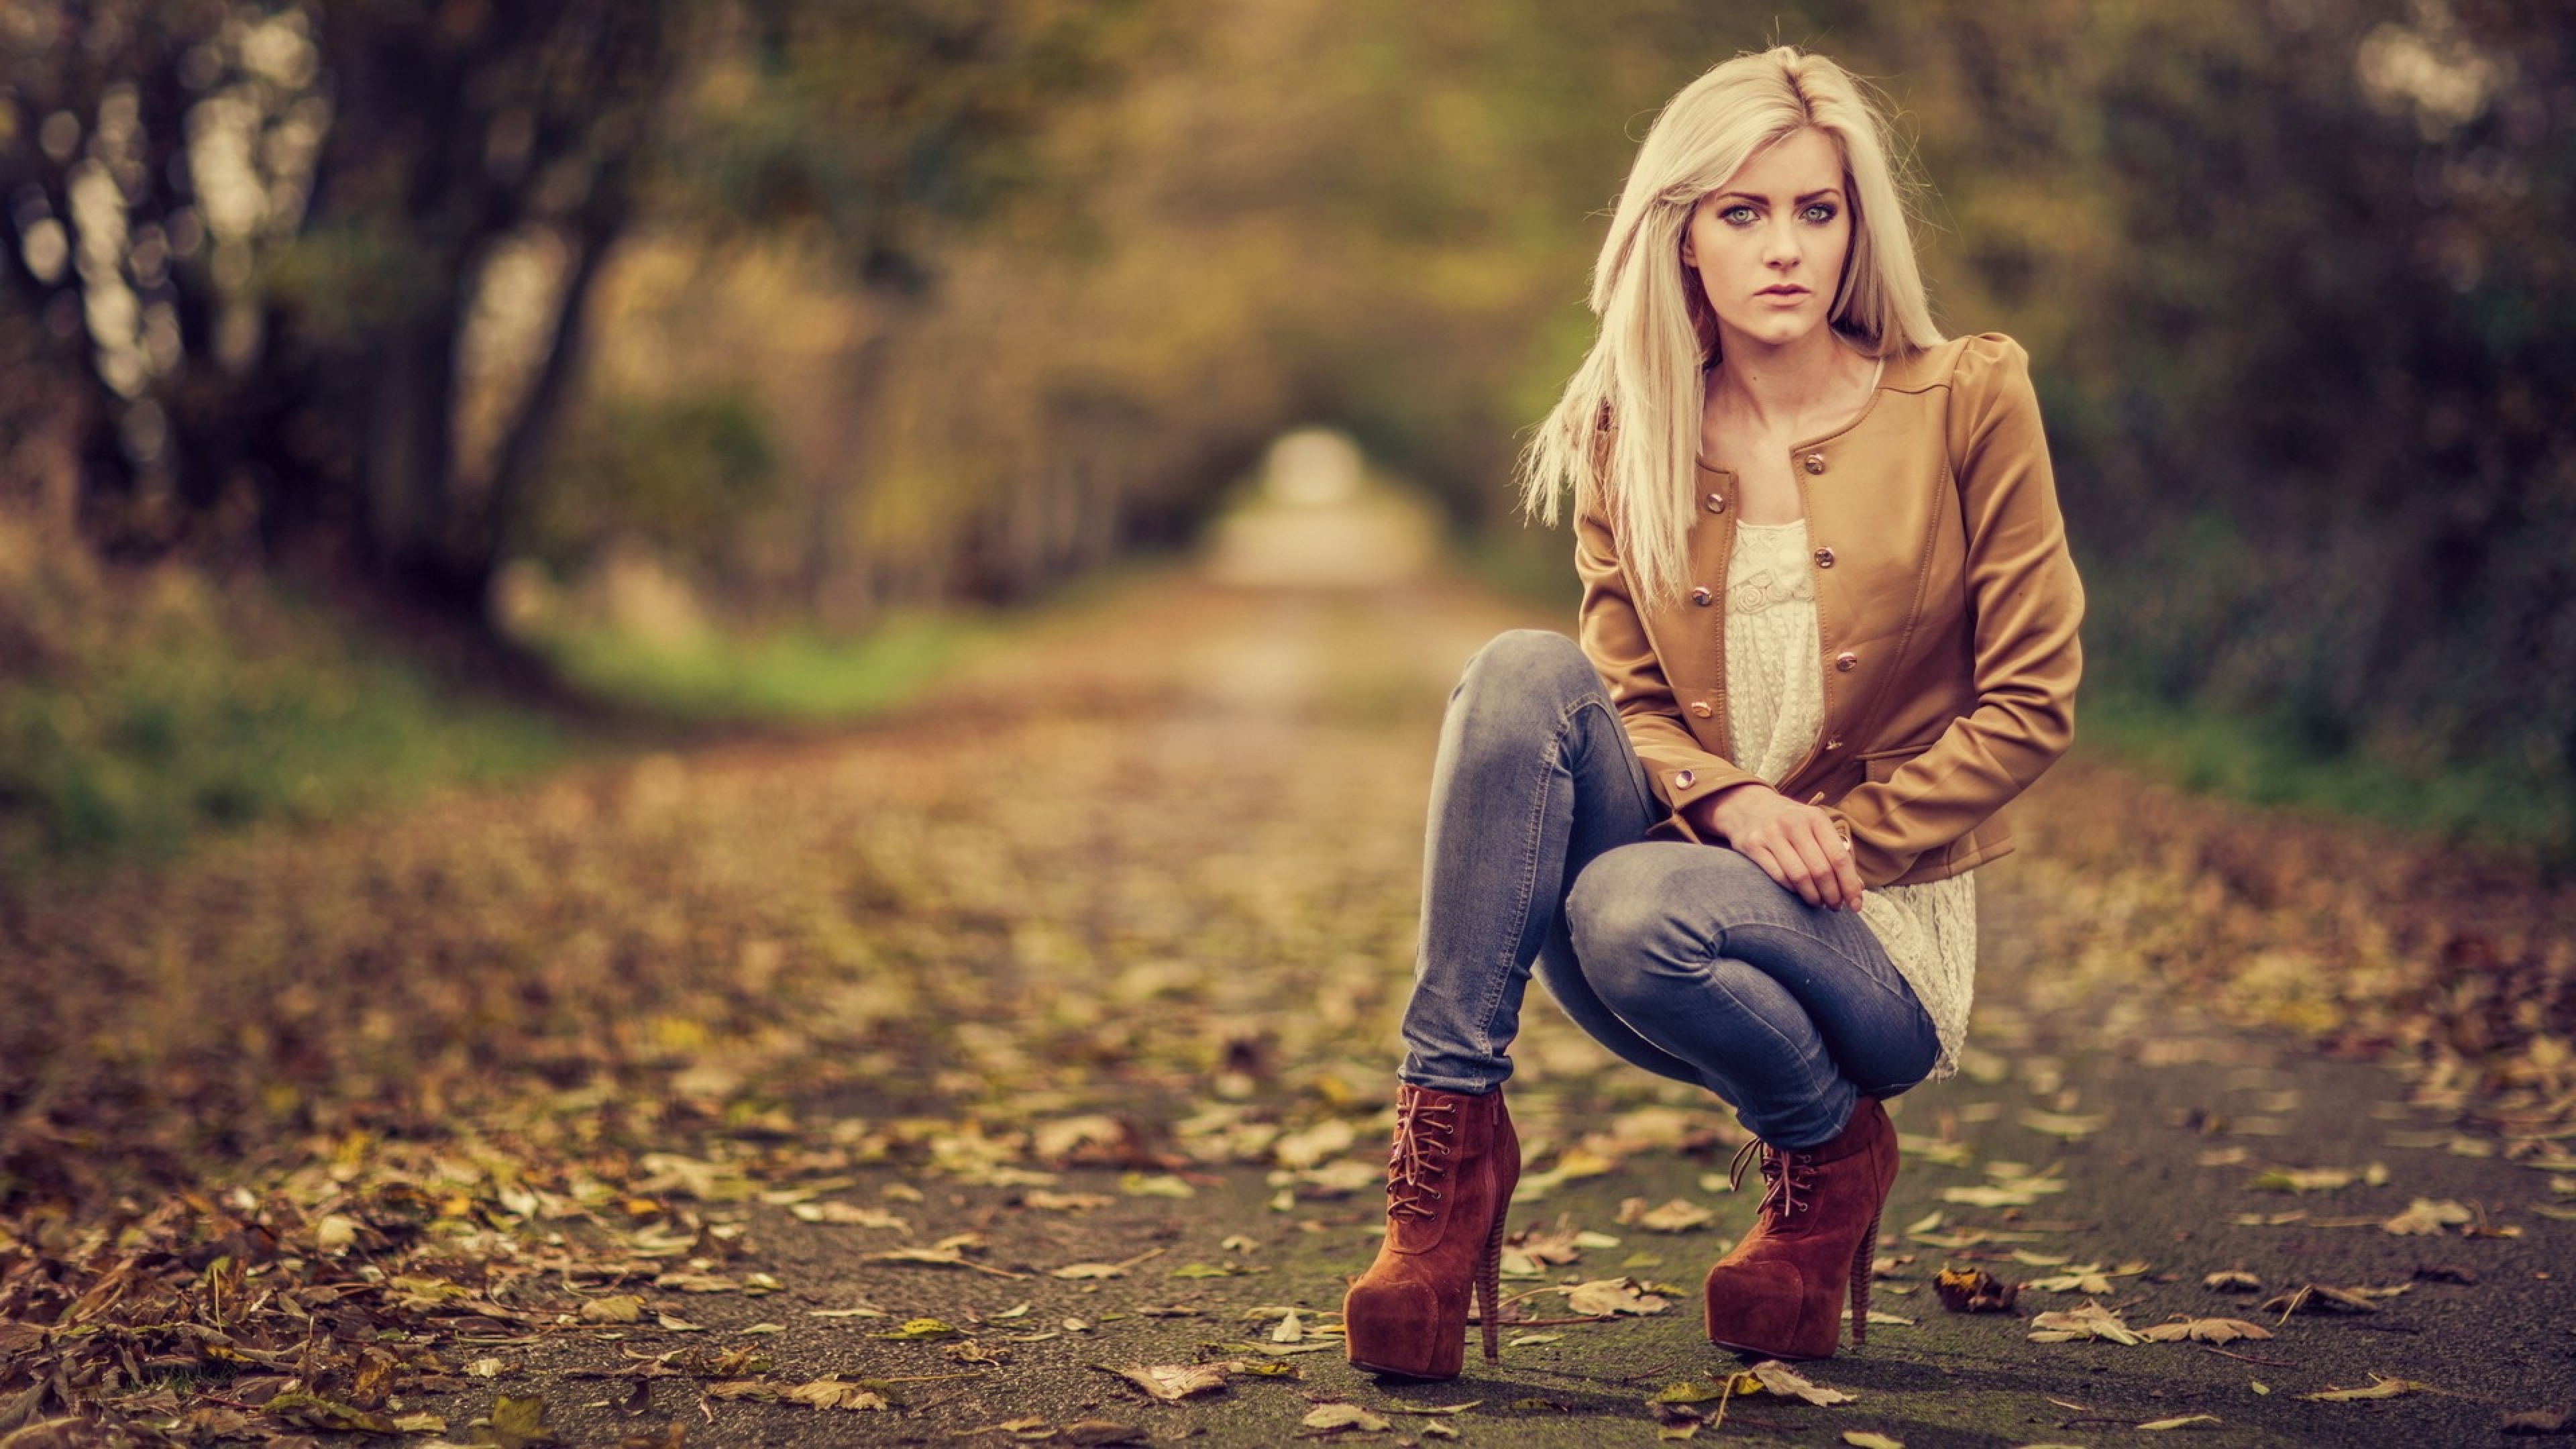 Autumn Leaves Model Girl Photo